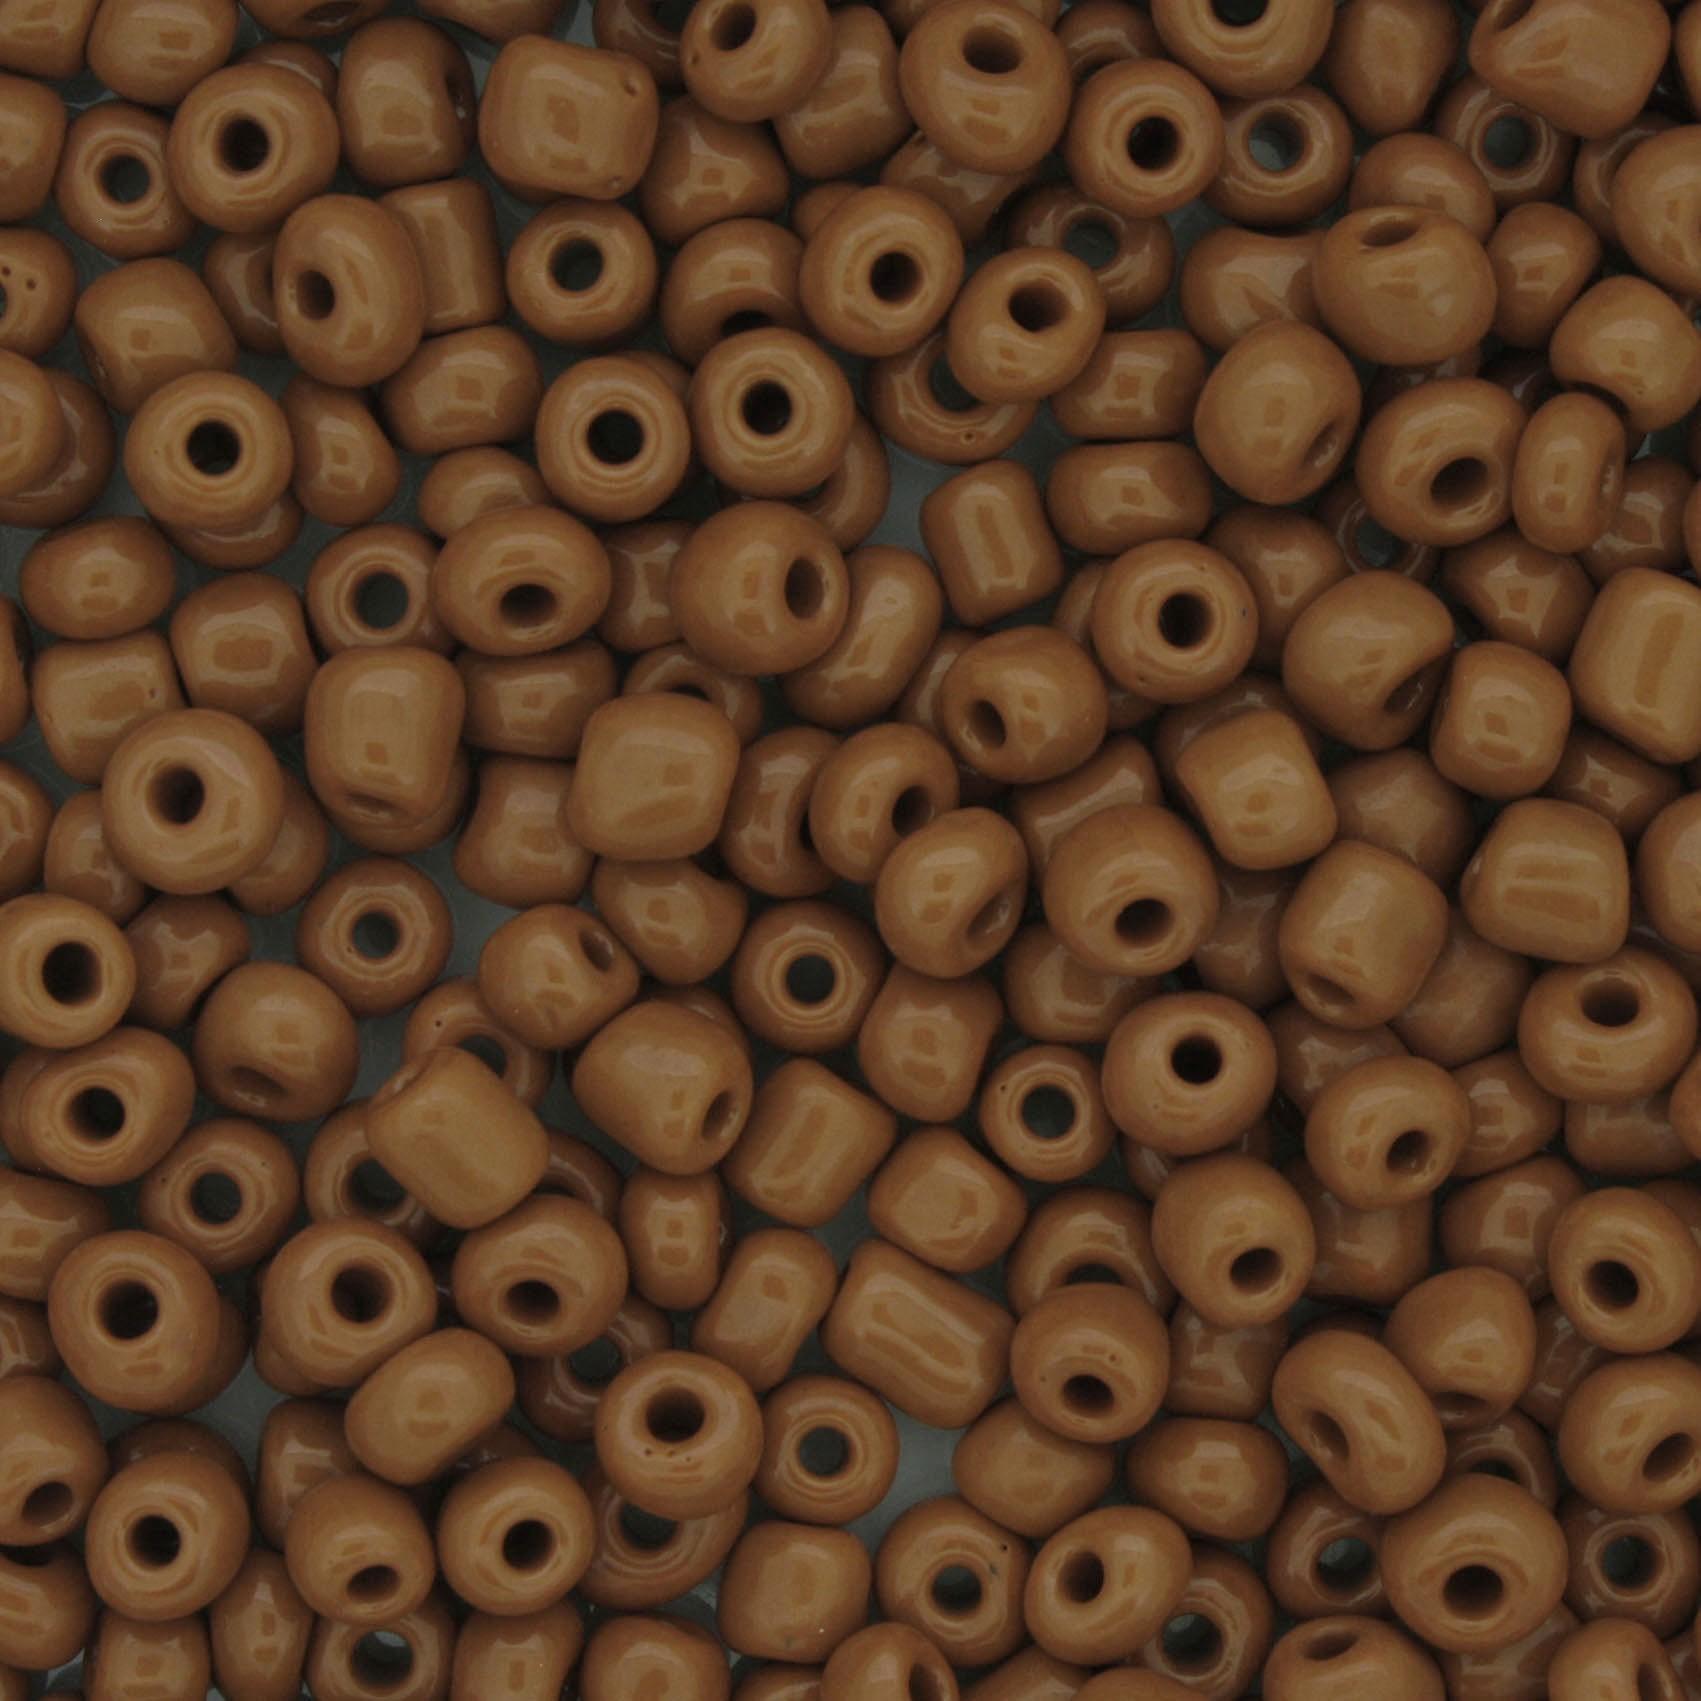 Miçanga 6/0 - 4.0x3.0mm - Marrom Claro  - Universo Religioso® - Artigos de Umbanda e Candomblé